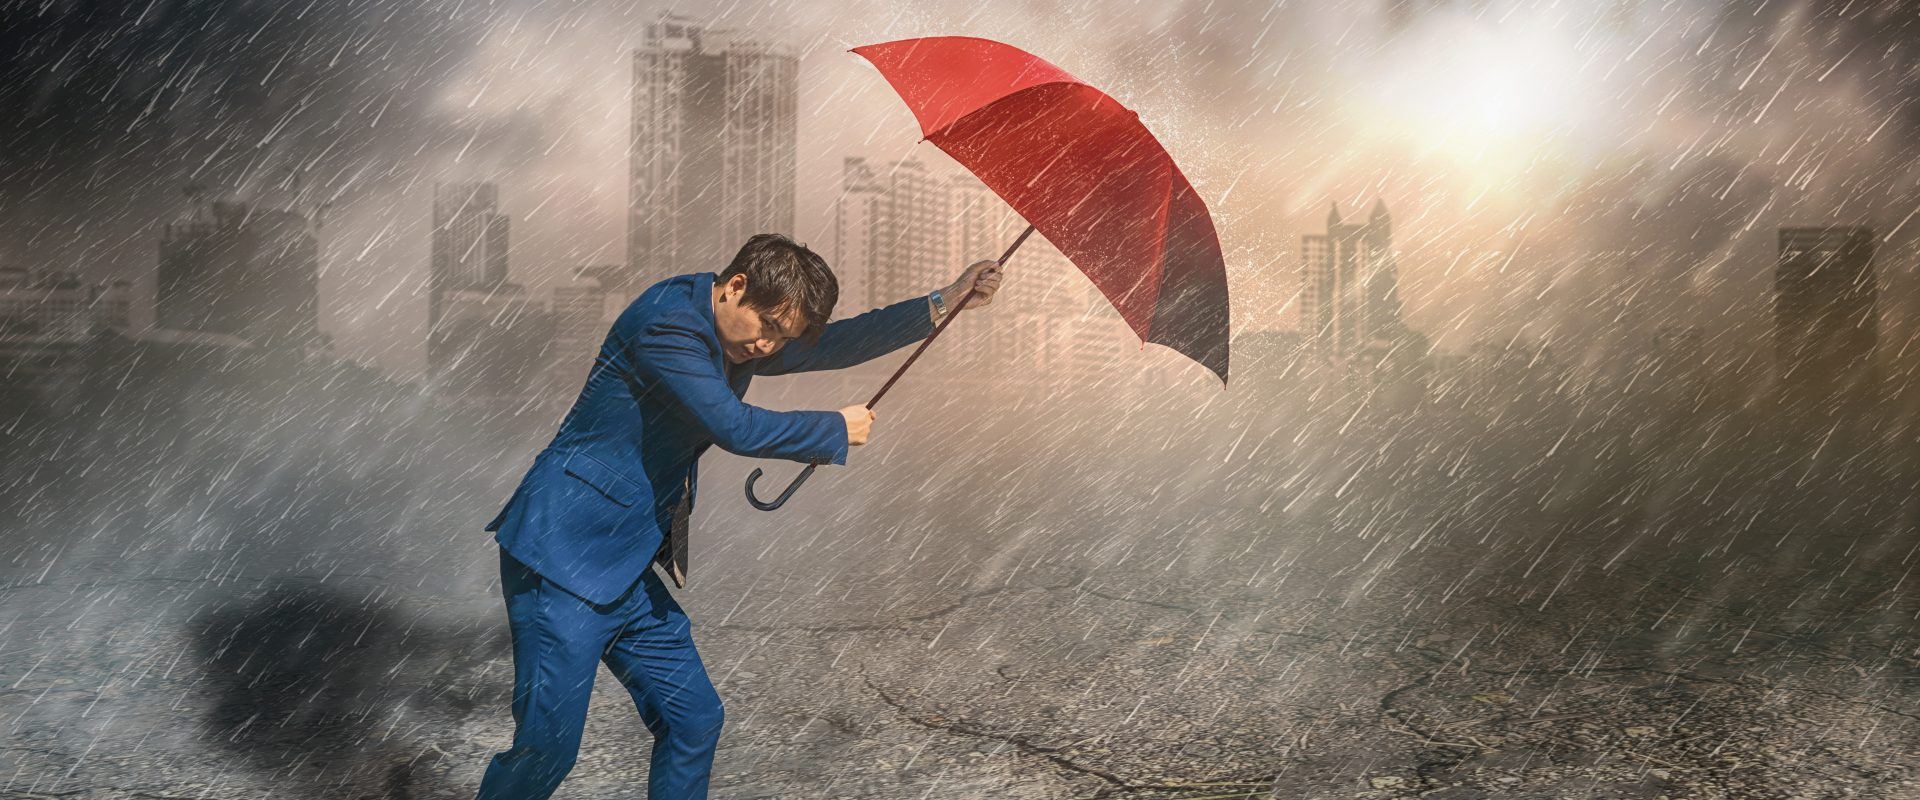 Covid – Existenzielle Herausforderungen für Unternehmensführer © Shutterstock